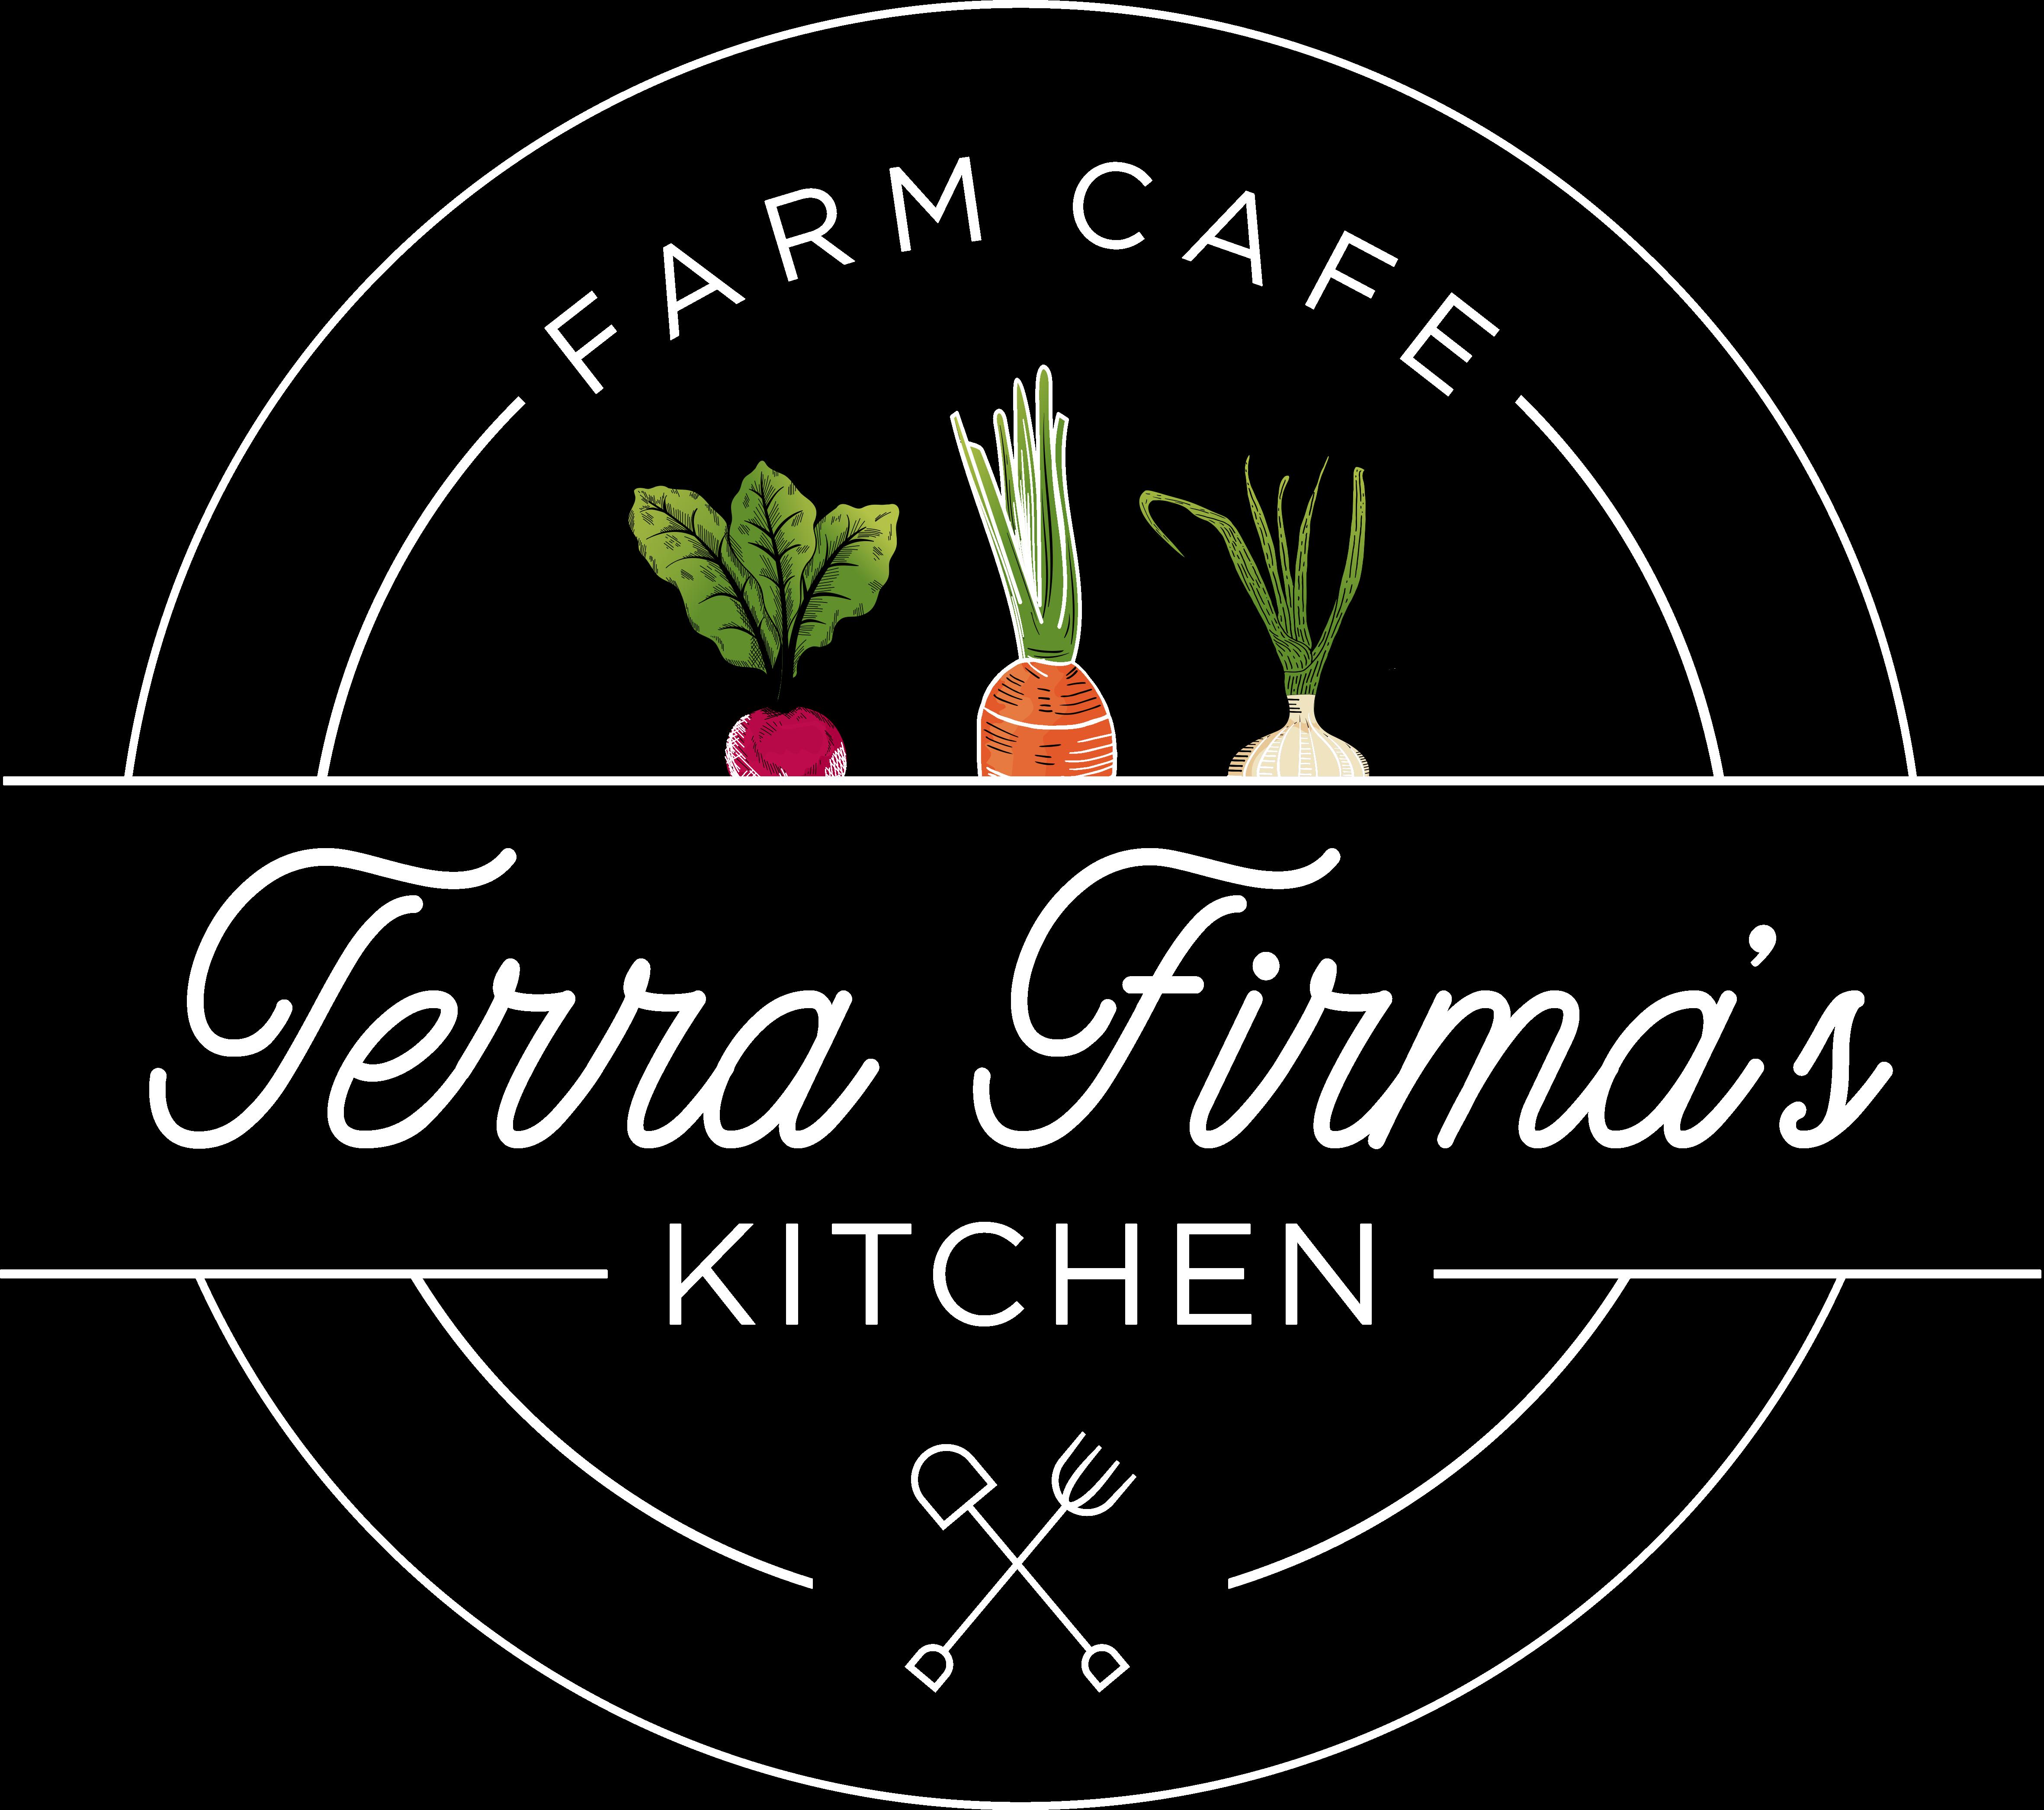 terra firma kitchen logo white